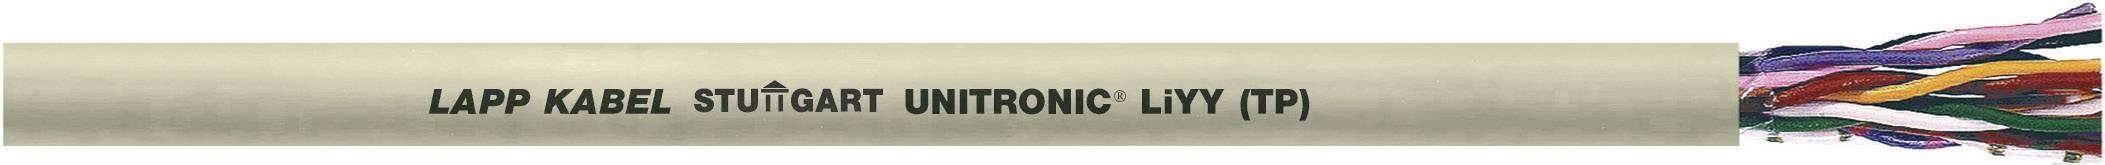 Dátový kábel LappKabel 0035171 UNITRONIC® LiYY (TP), 3 x 2 x 0.50 mm², sivá, metrový tovar